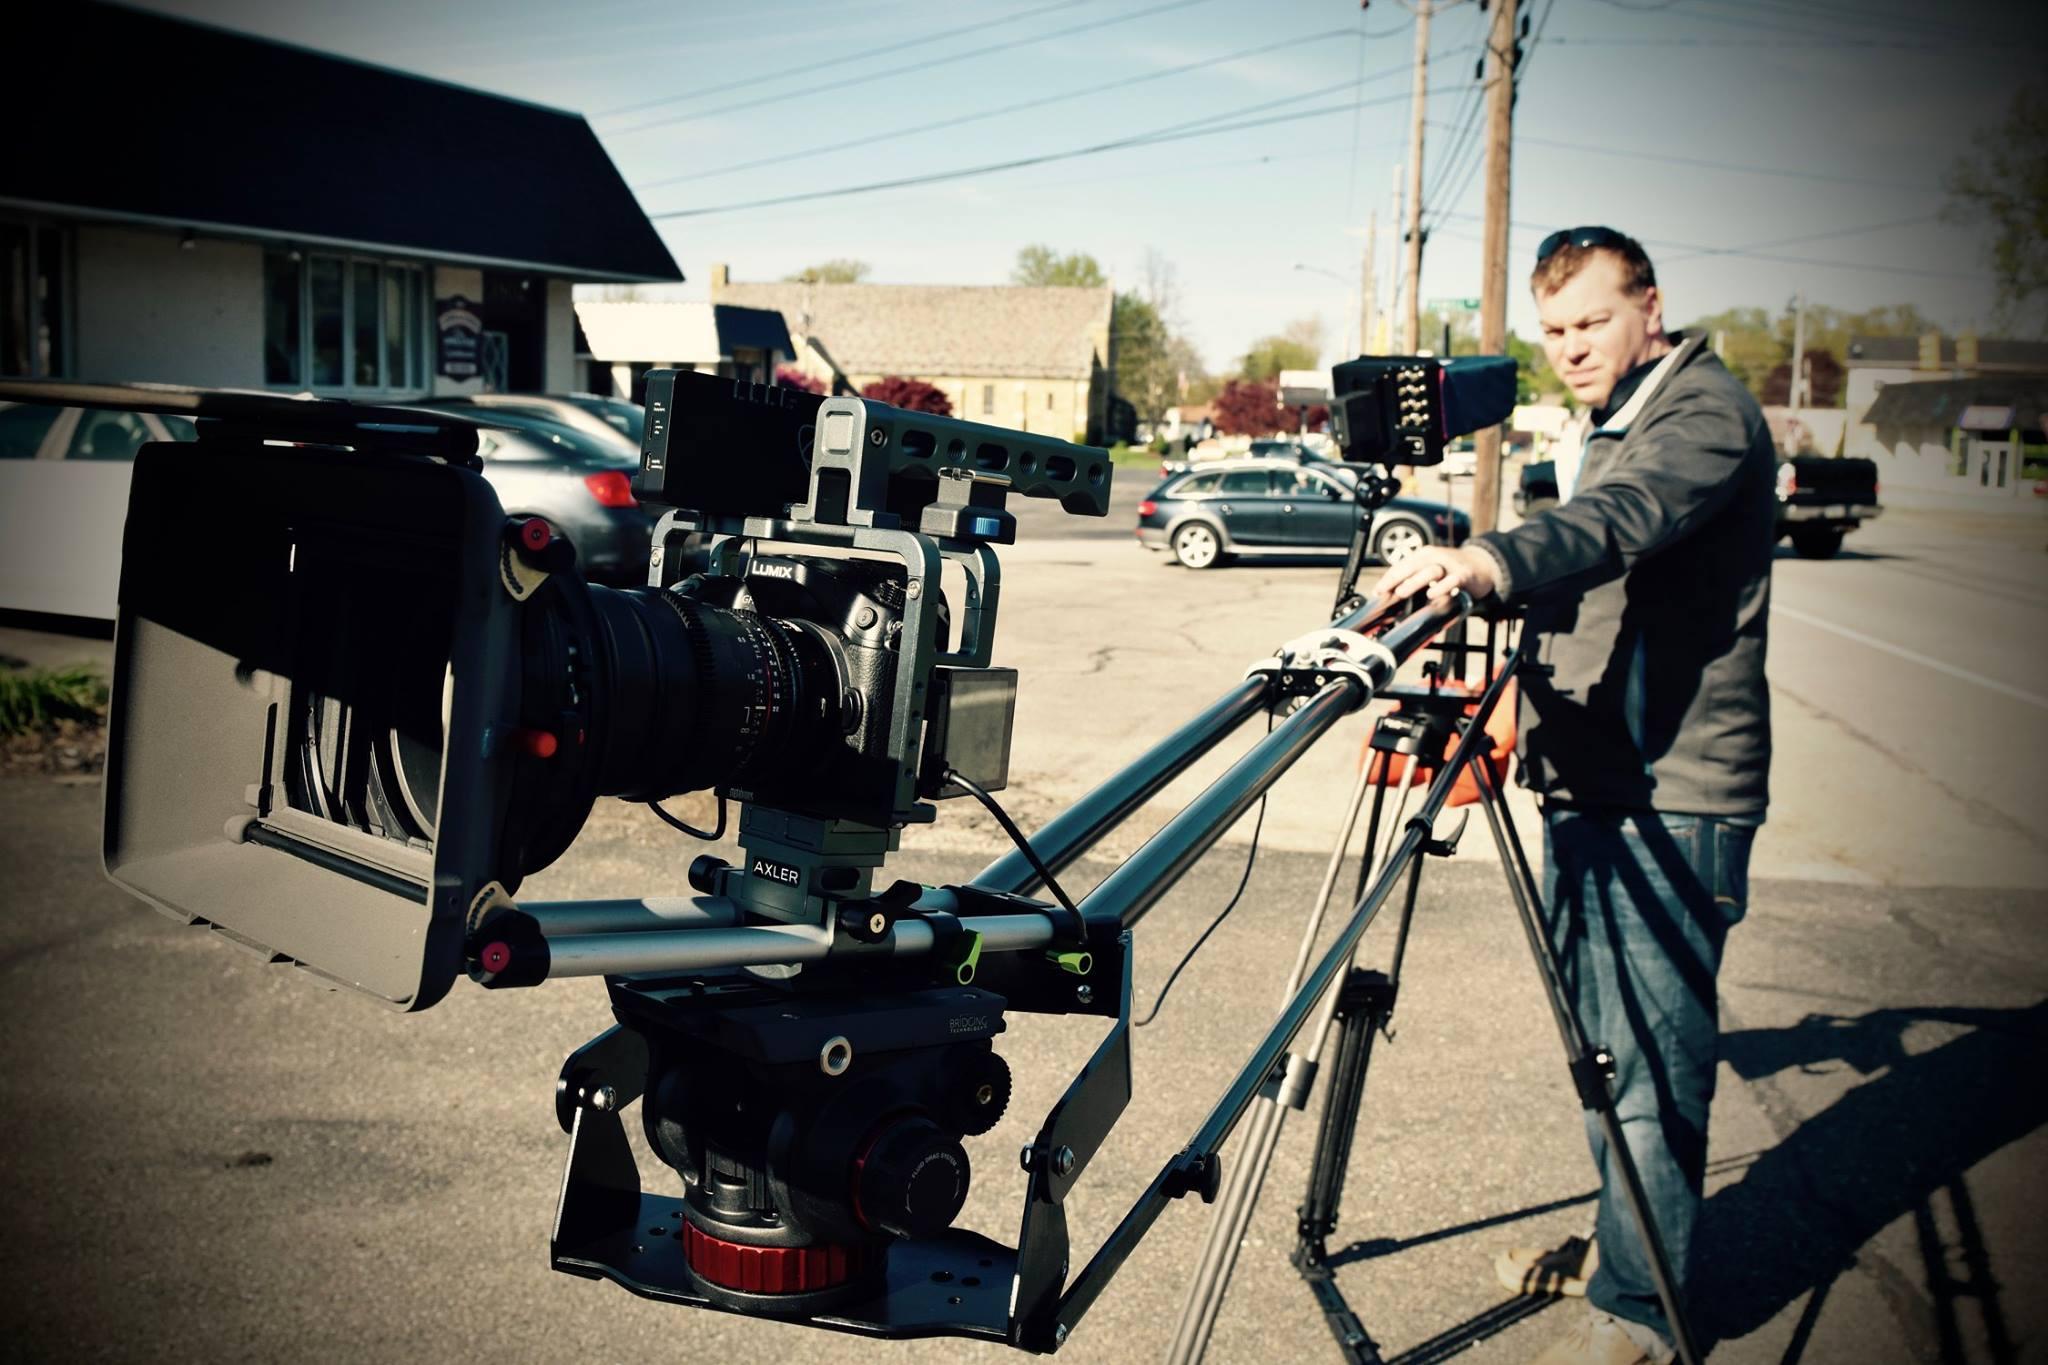 Jamey stewart working a camera crane